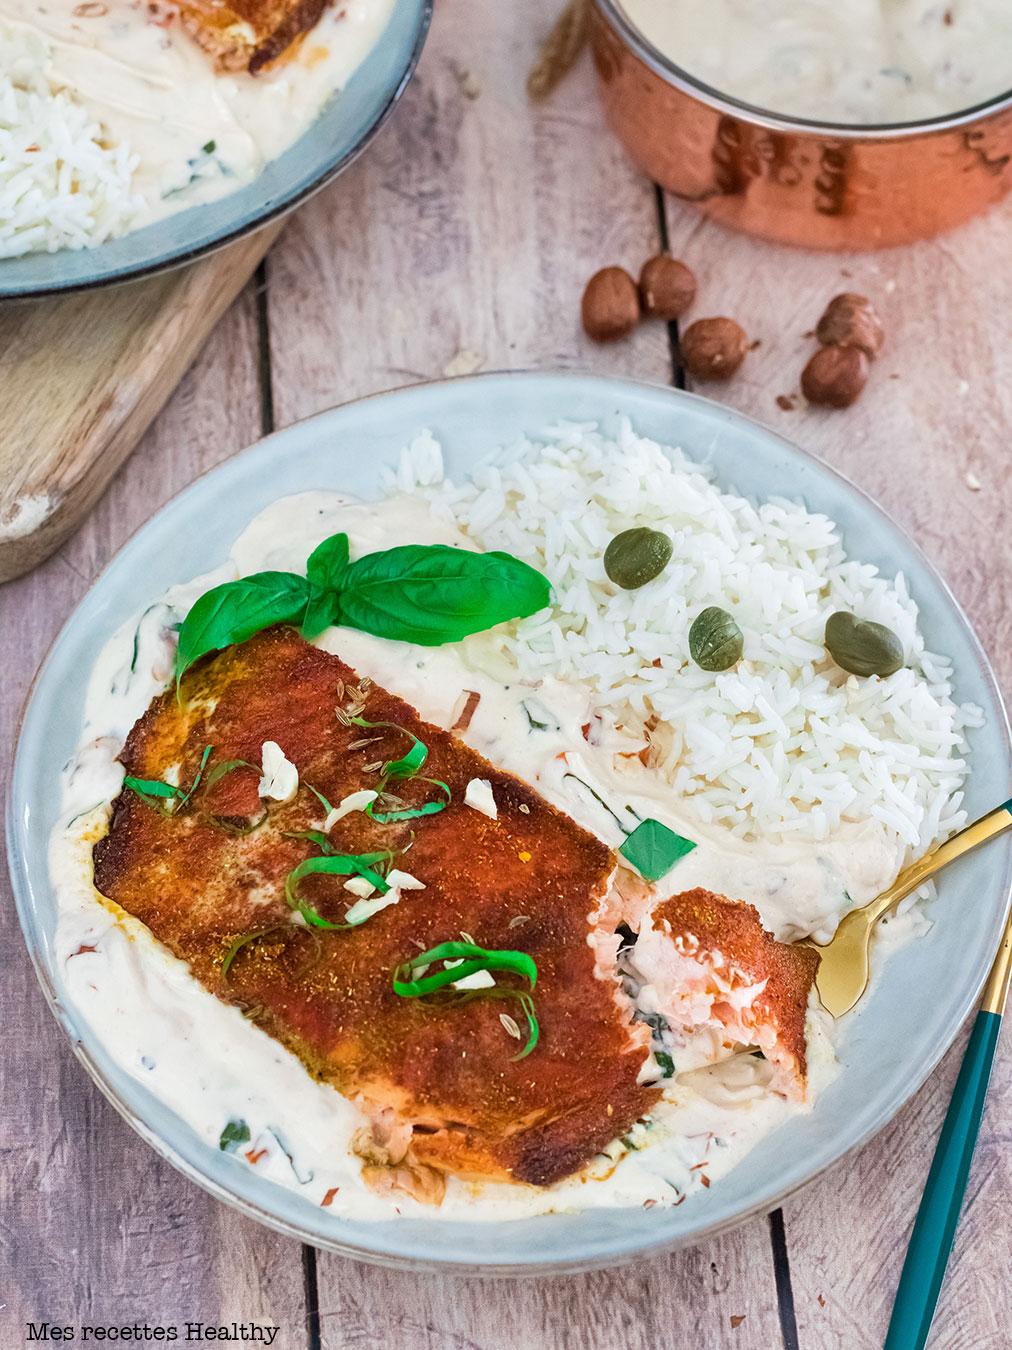 Saumon grillé et sa sauce crémeuse au mascarpone